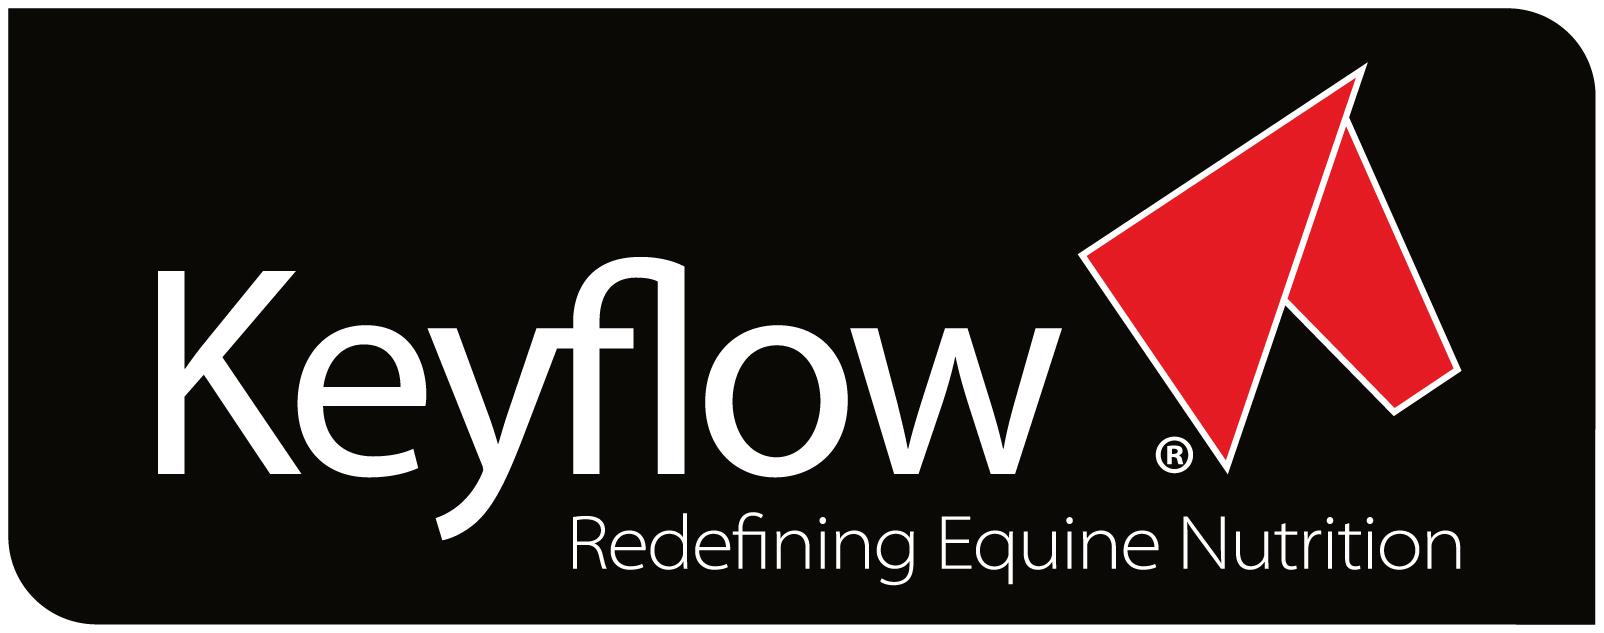 Keyflow (UK) Ltd :  Redefining Equine Nutrition